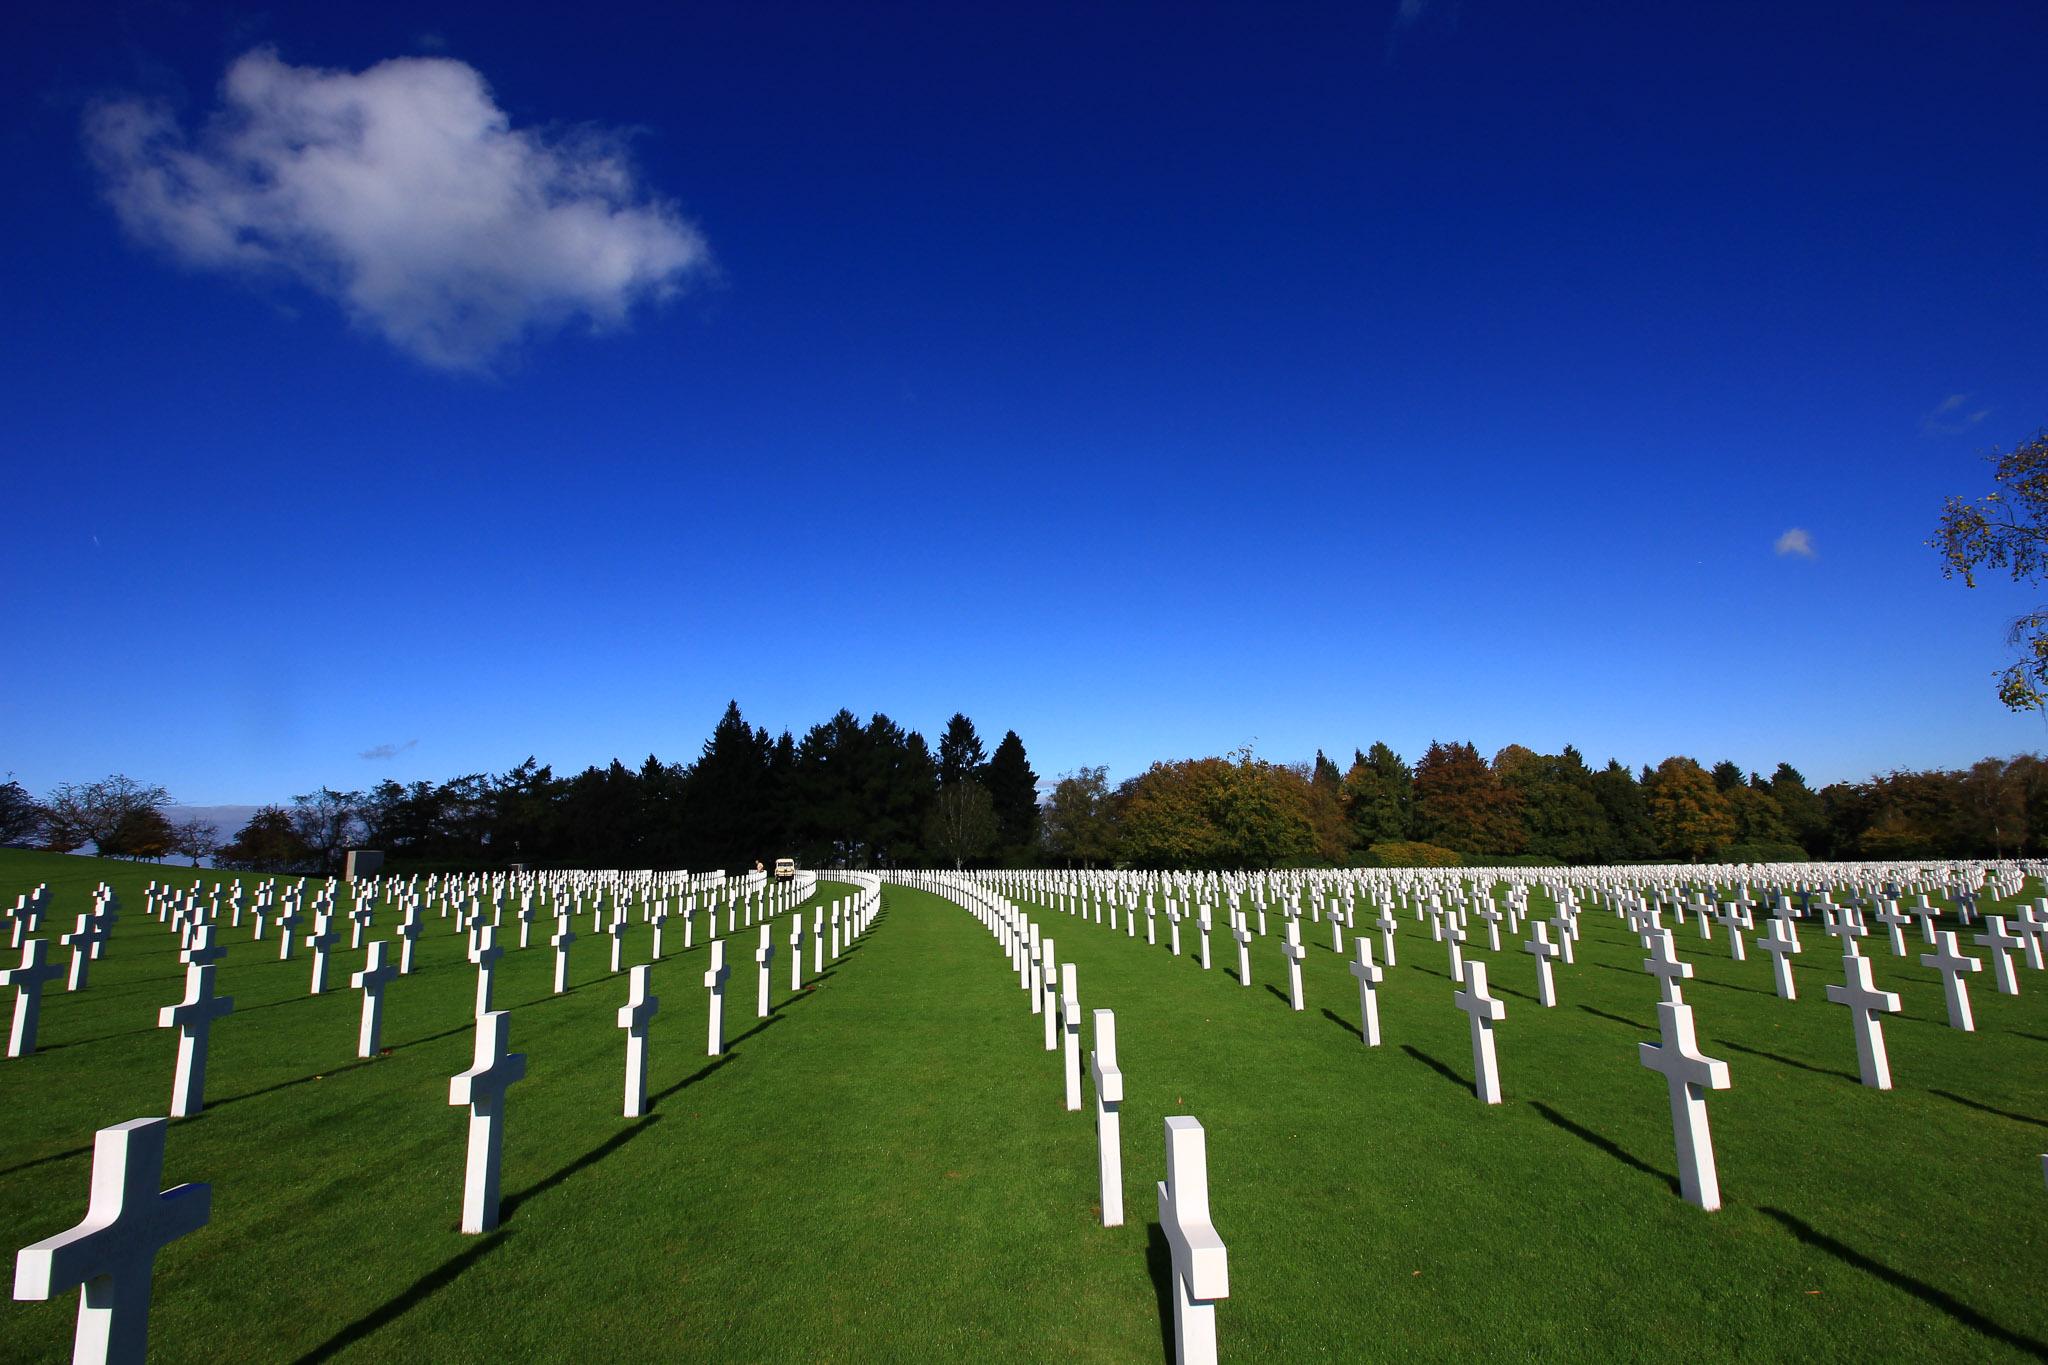 Cemetery Henri-Chapelle, Belgium